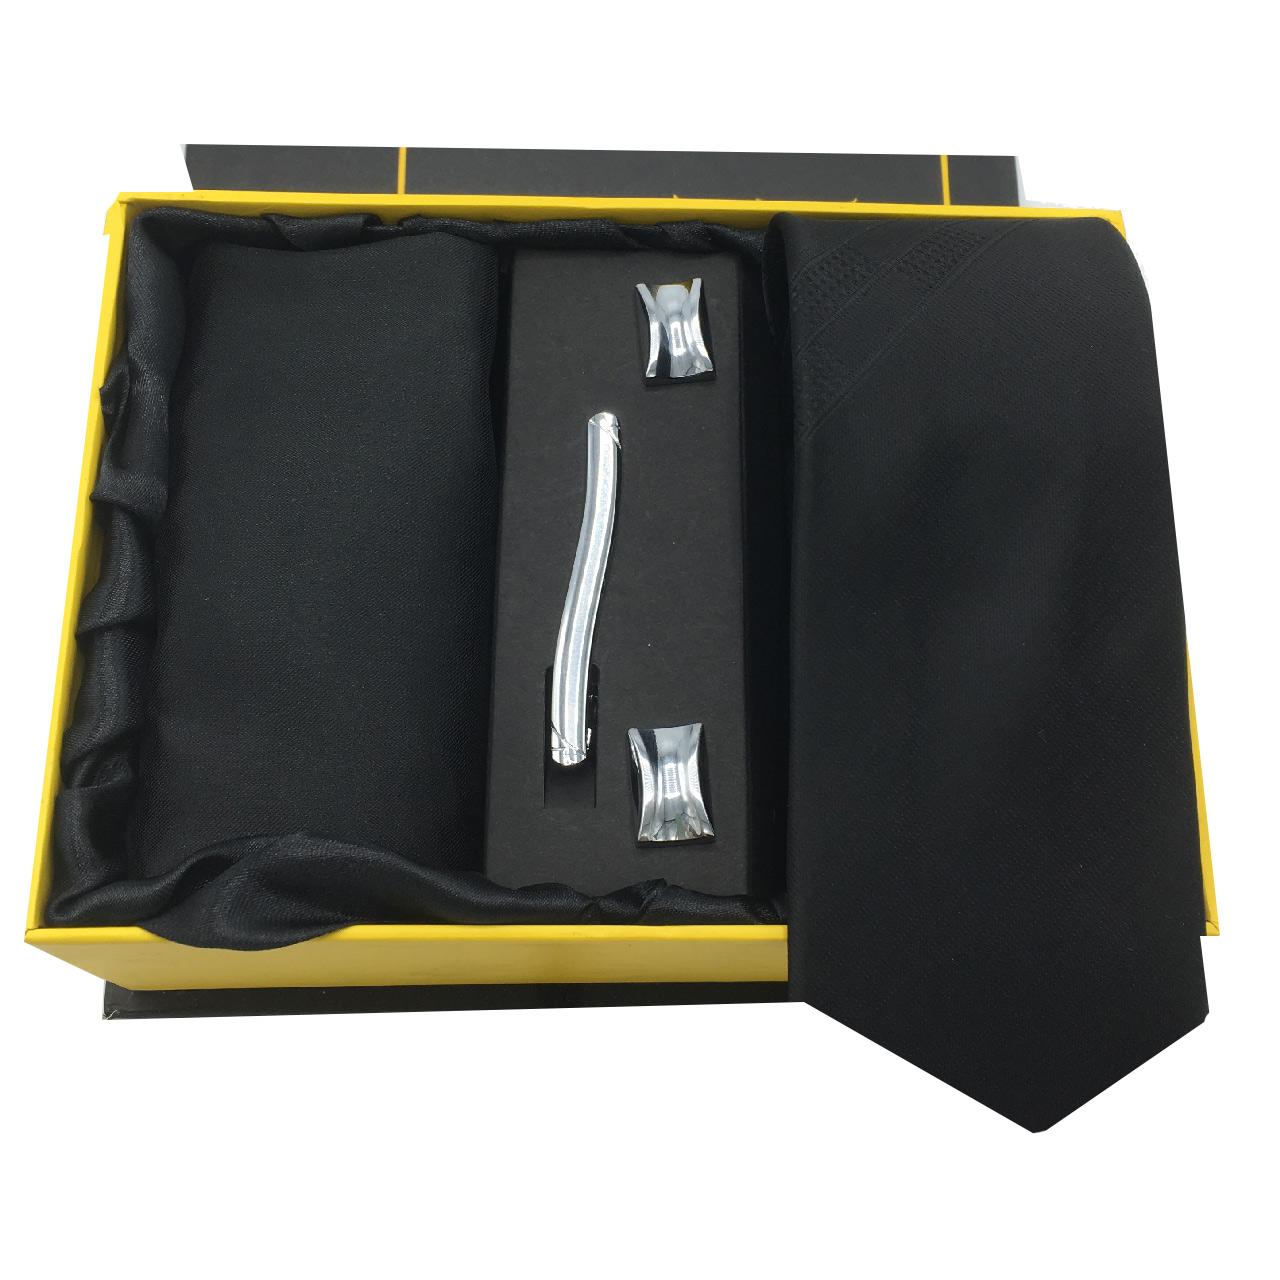 ست کراوات، گیره، دستمال و دکمه سردست هکس ایران مدل AF-FUL SET-BLK